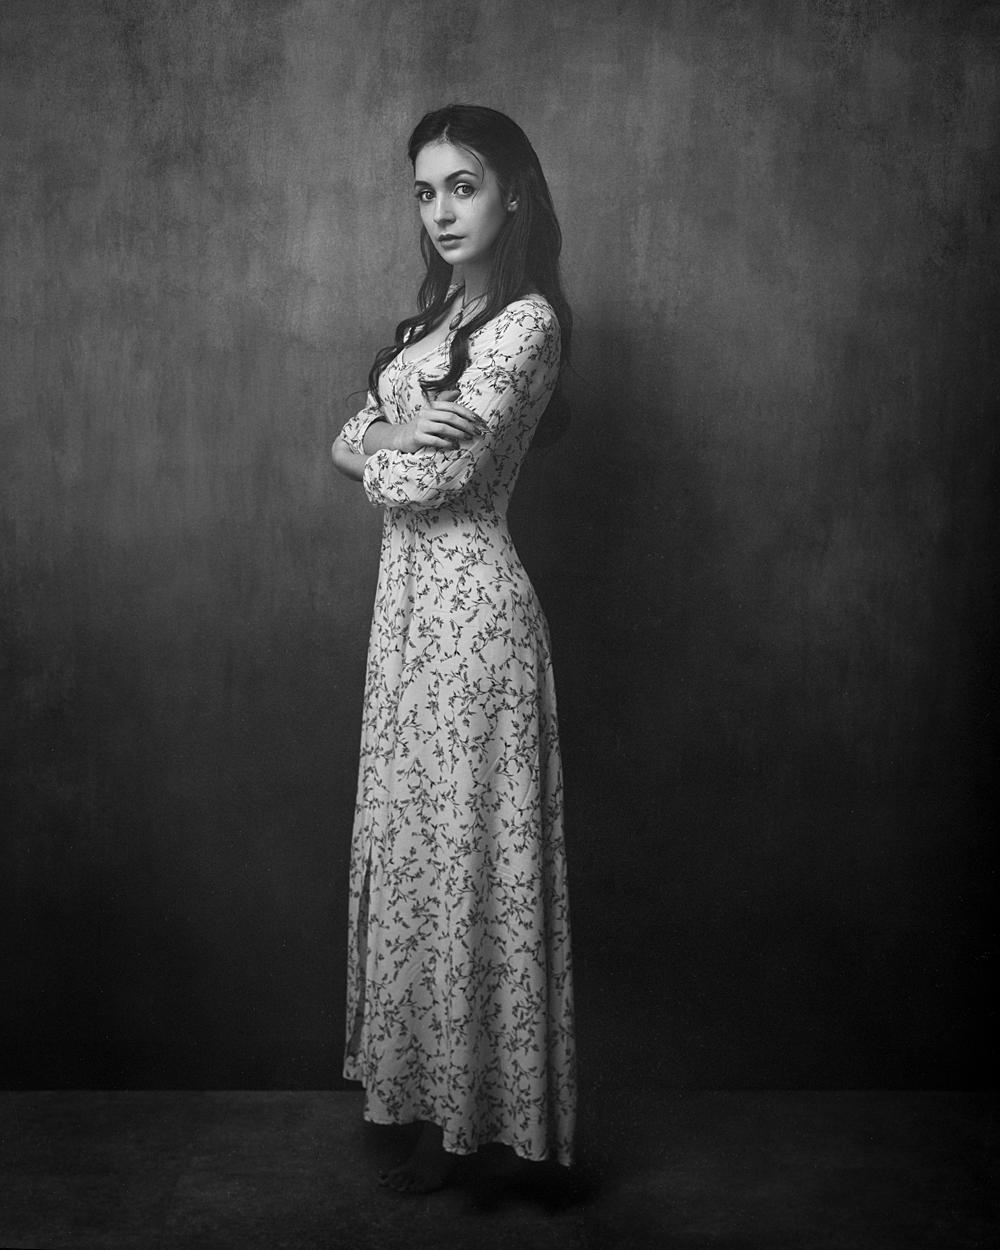 фотосъемка на пленку портрет